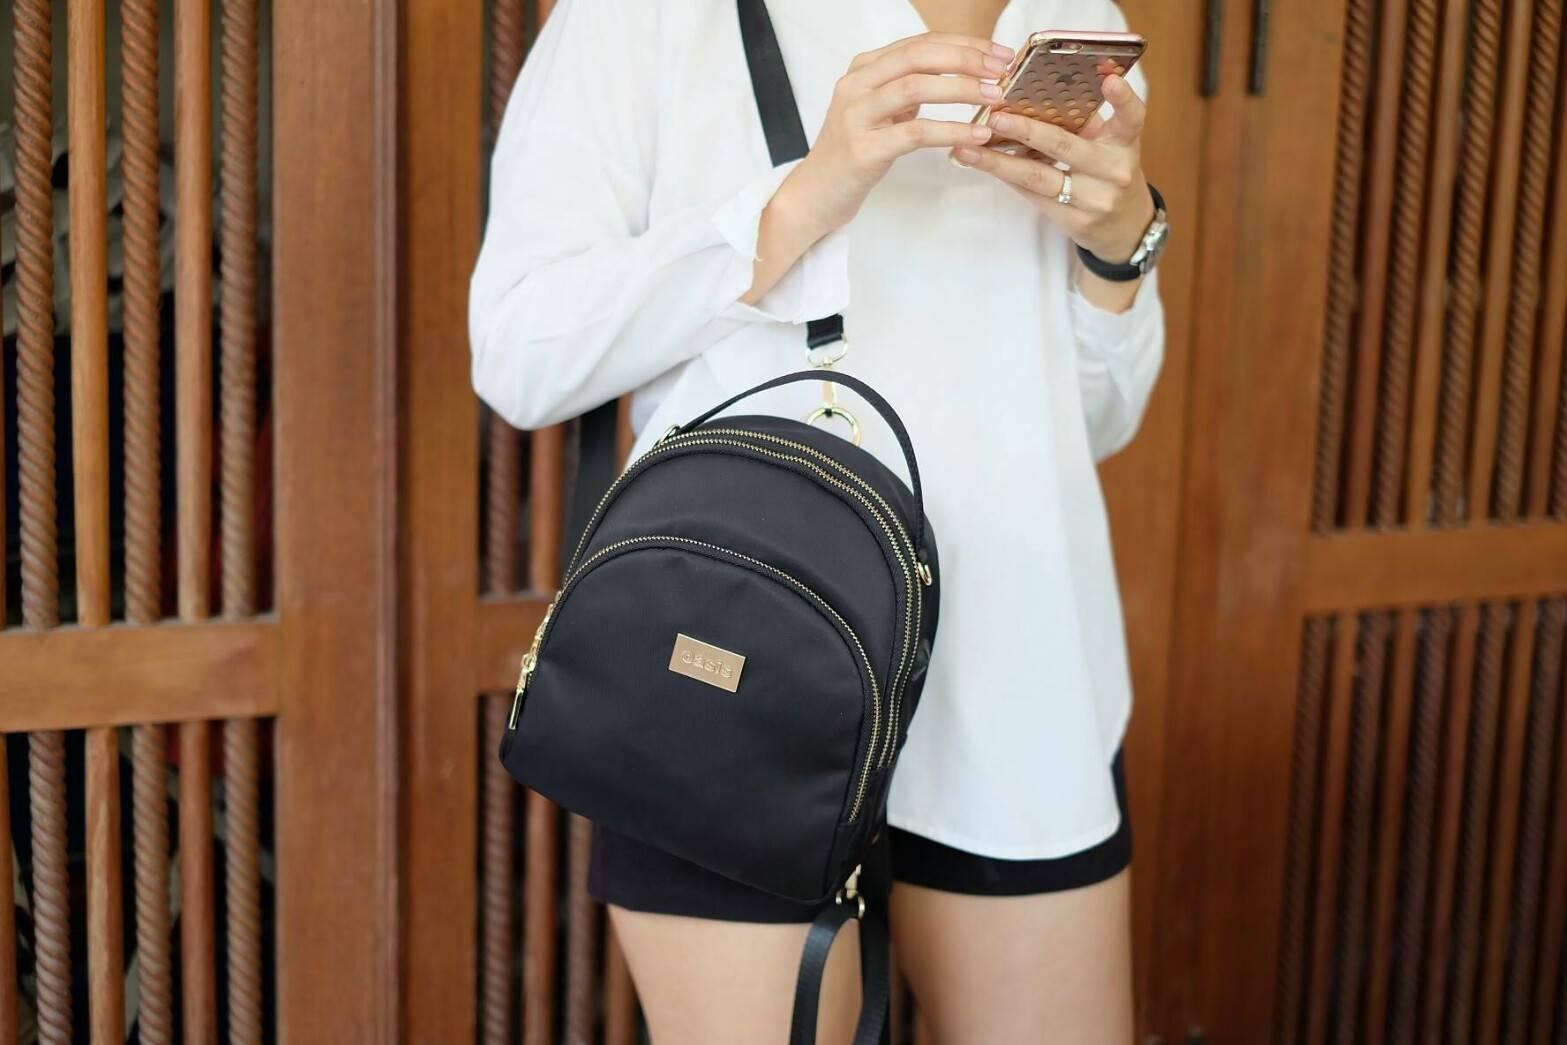 กระเป๋าเป้ OASIS ทรงน่ารักมากๆๆๆ รุ่นพิเศษ ช่องซิป 3 ช่องใหญ+สายยาวถอดได้